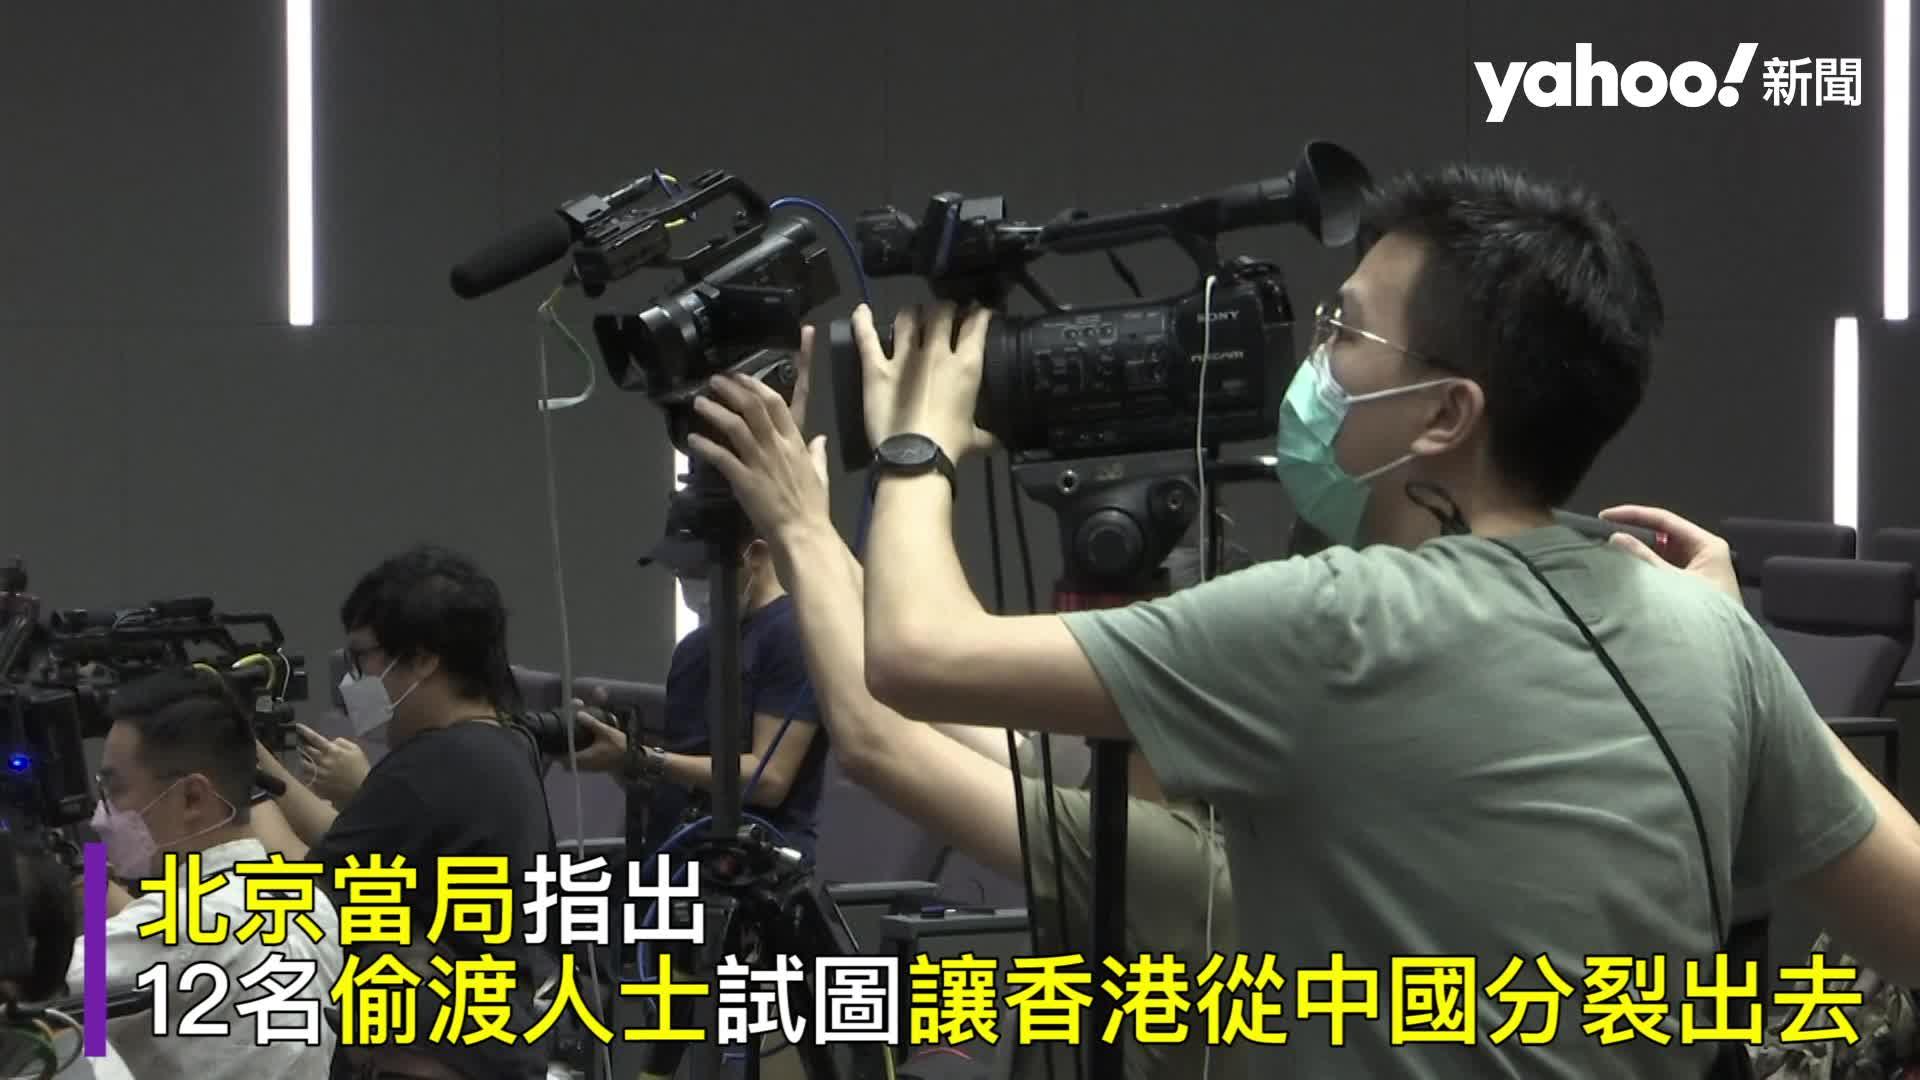 12港人欲偷渡台灣在廣東被逮 林鄭月娥:僅1人違反國安法